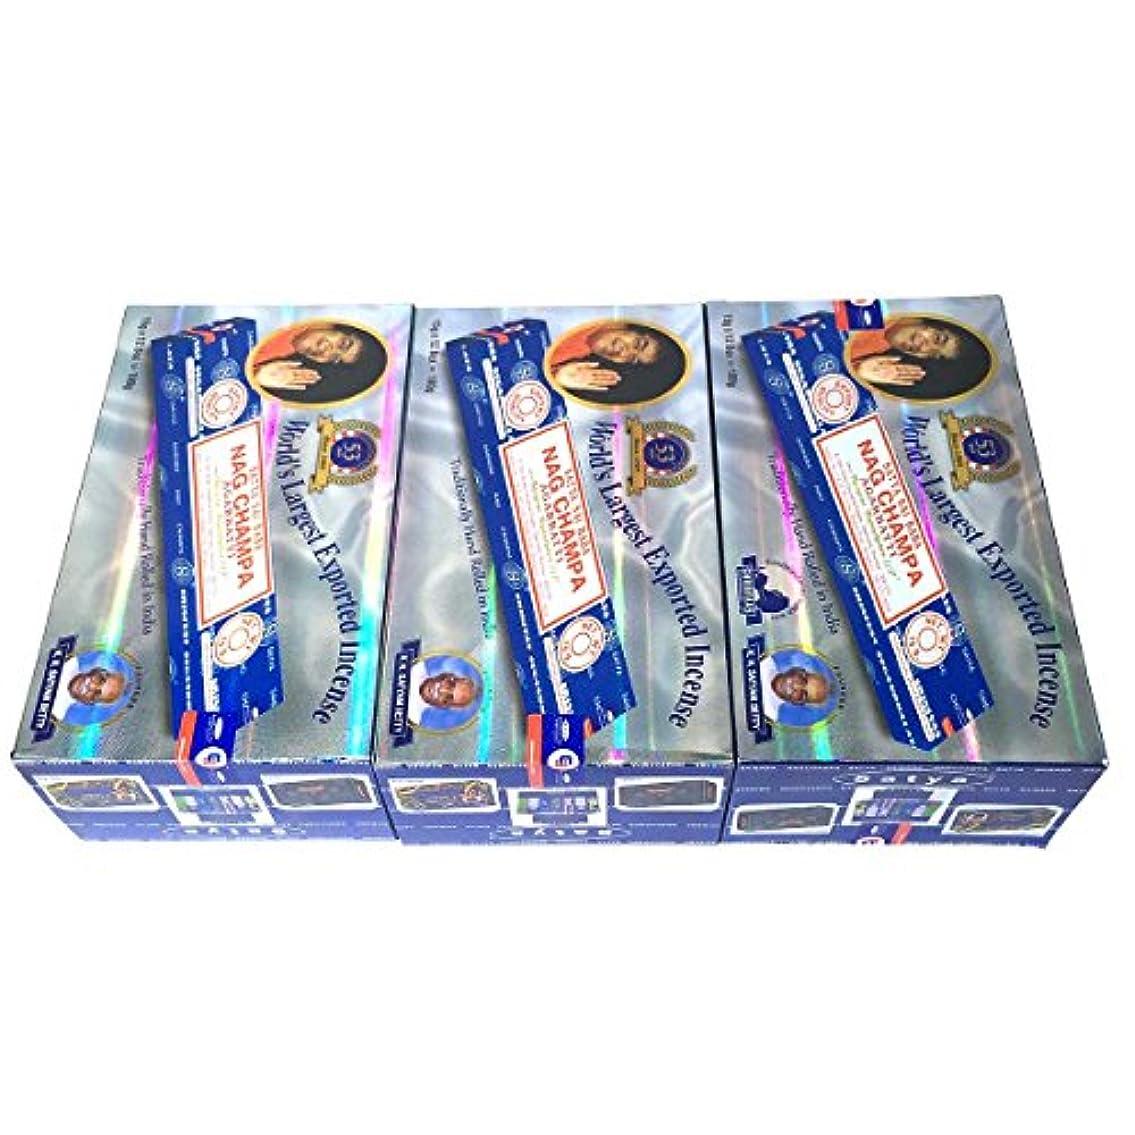 すばらしいですご覧ください許されるサイババ ナグチャンパ香 スティック 3BOX(36箱) 送料無料 /SATYA SAI BABA NAG CHAMPA /インセンス/インド香 お香/アジアン雑貨 [並行輸入品]